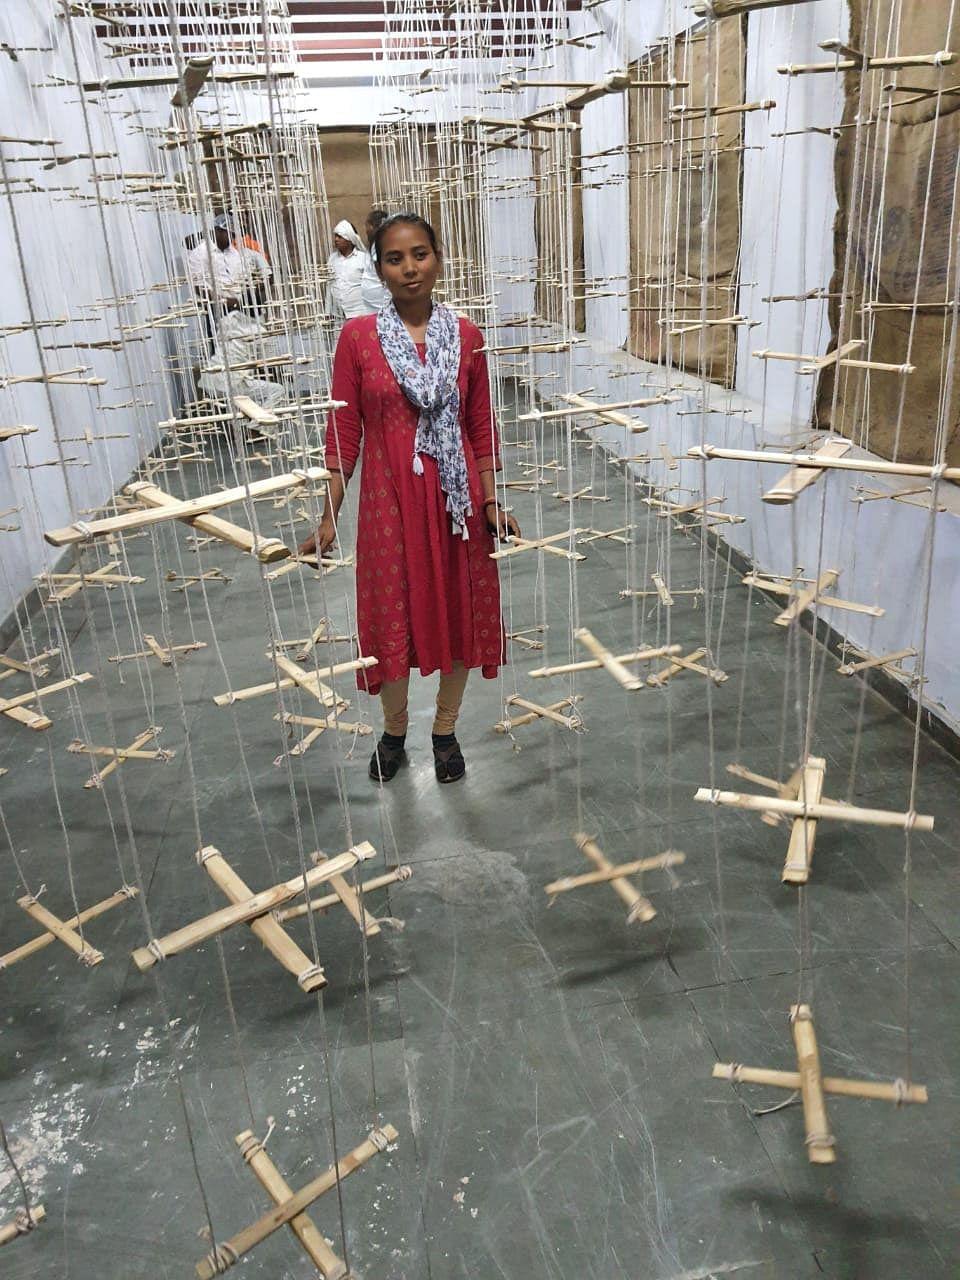 जेल में कैदियों ने उगाया मशरूम, प्रशिक्षण के बाद घर जाने पर मशरूम उत्पादन का लिया संकल्प